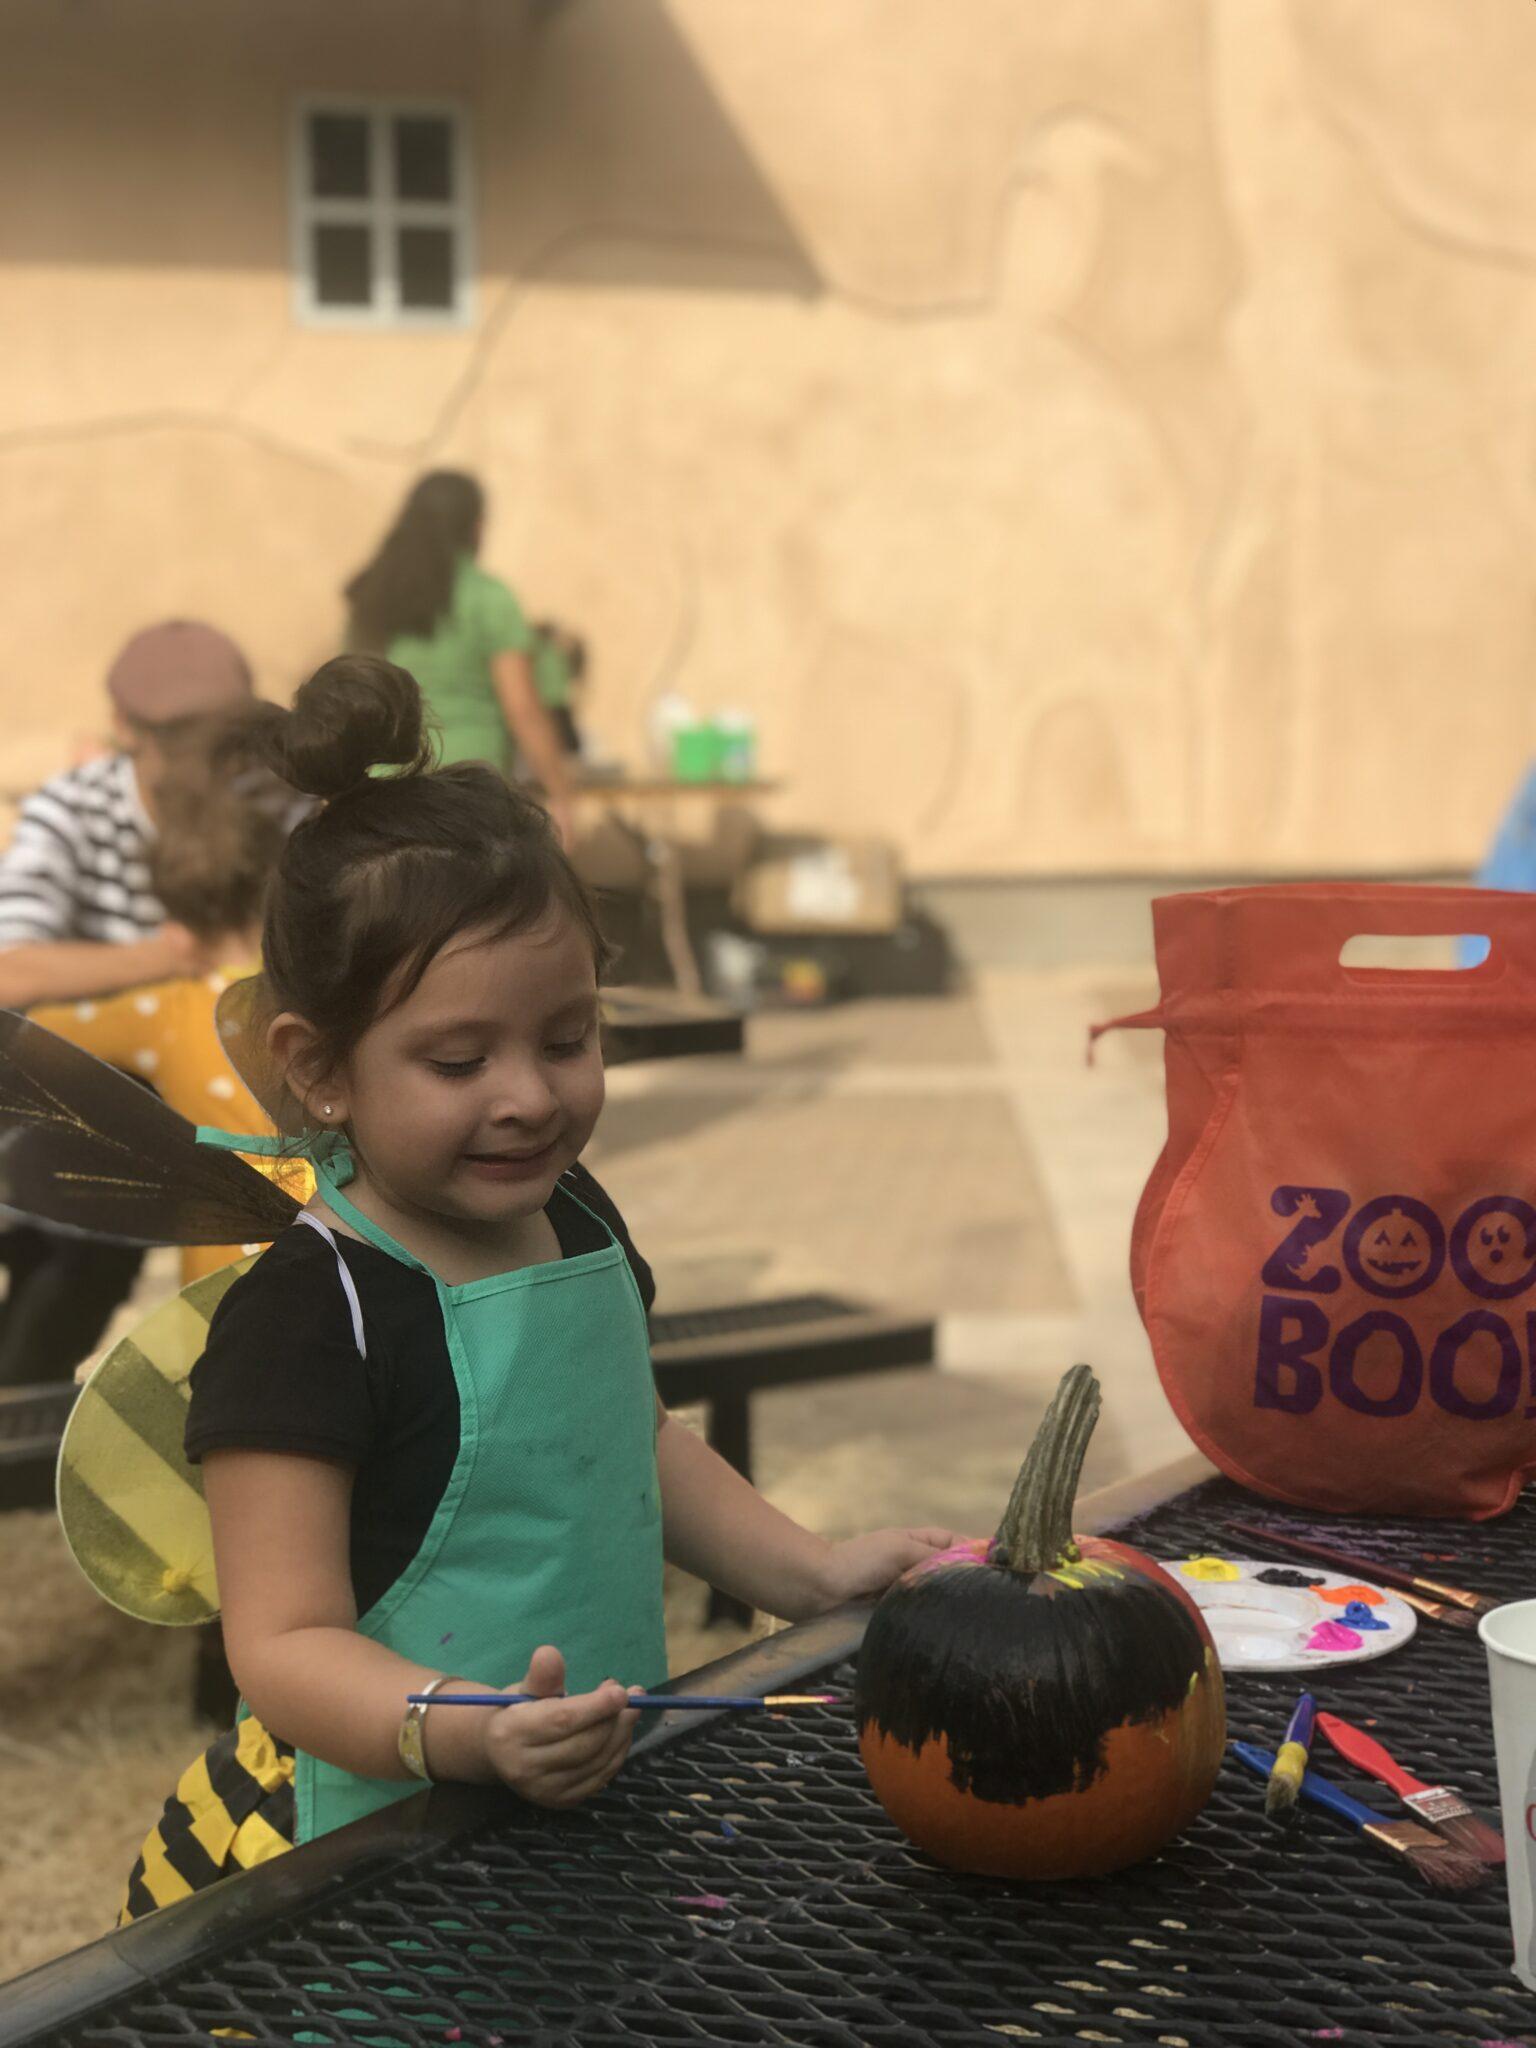 pumpkin painting at san antonio zoo boo